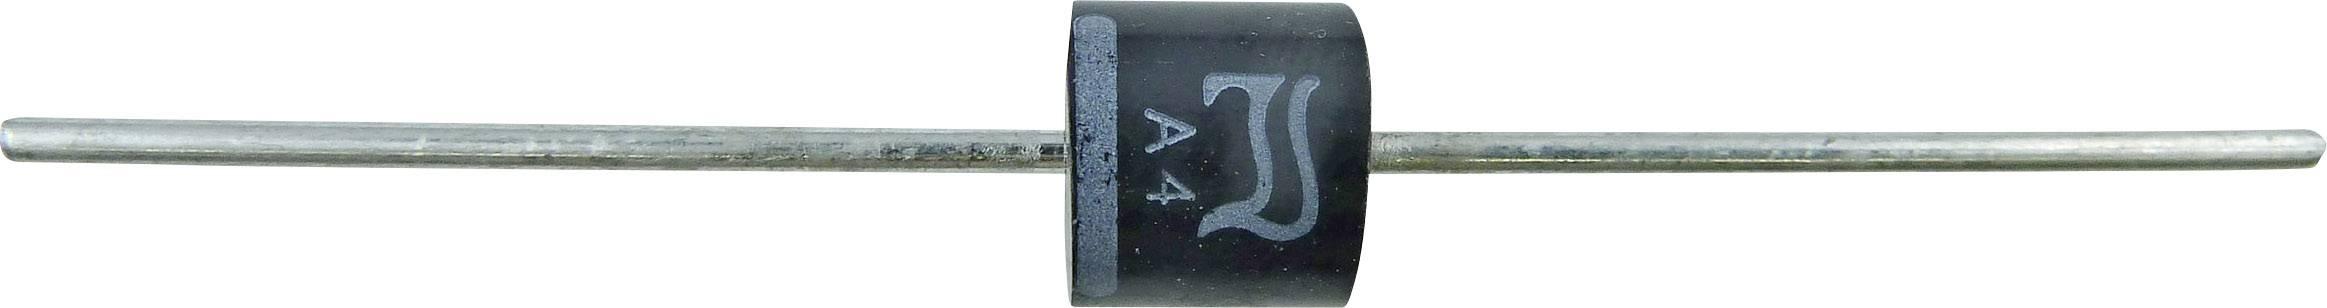 Křemíková výkonová dioda 6 A Diotec P 600 M, 1000 V, I(F) 6 A